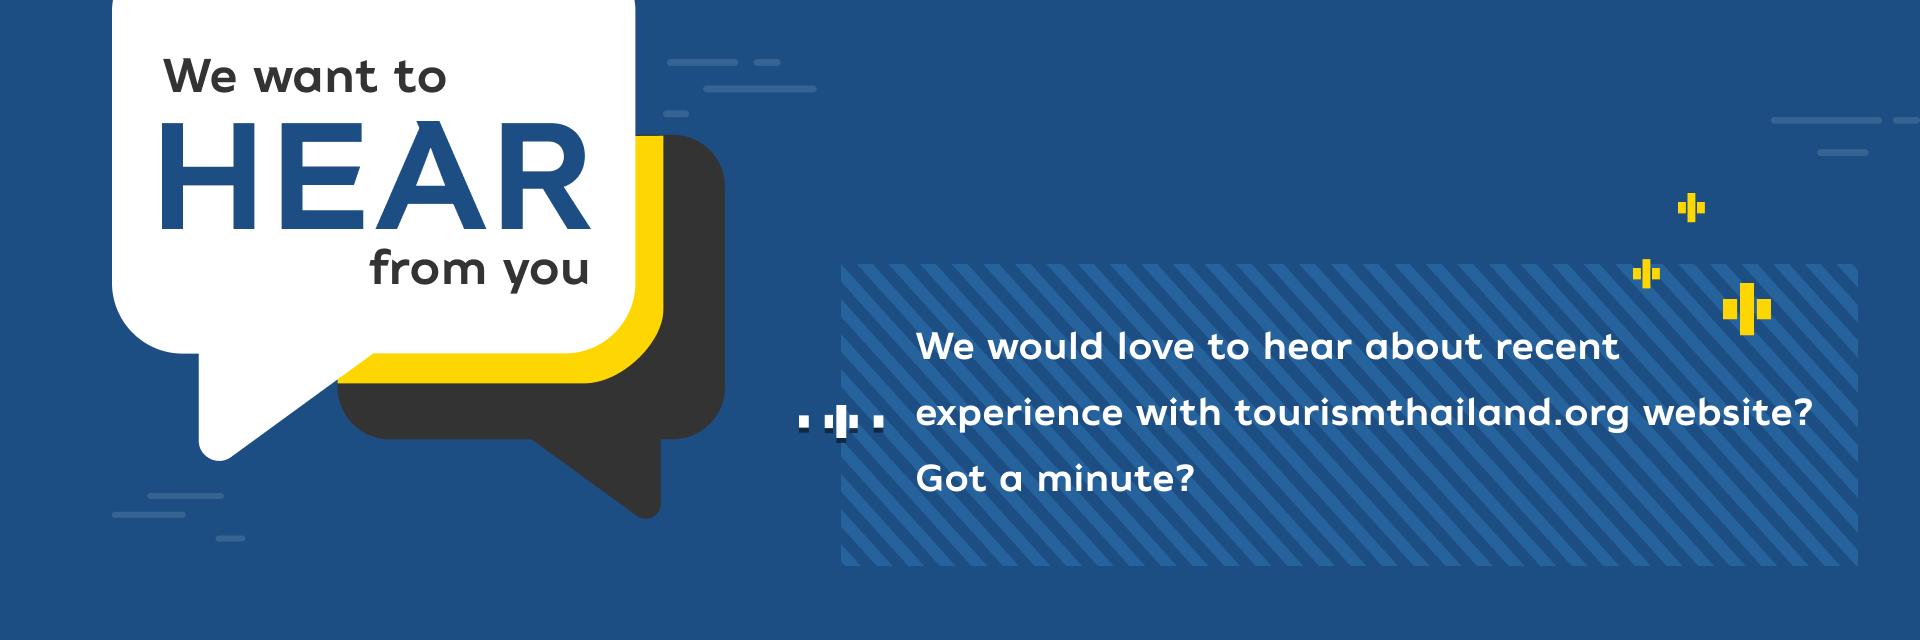 ร่วมตอบแบบสอบถามความพึงพอใจประสบการณ์ใช้งานเว็บไซต์ (เม.ย. 64)